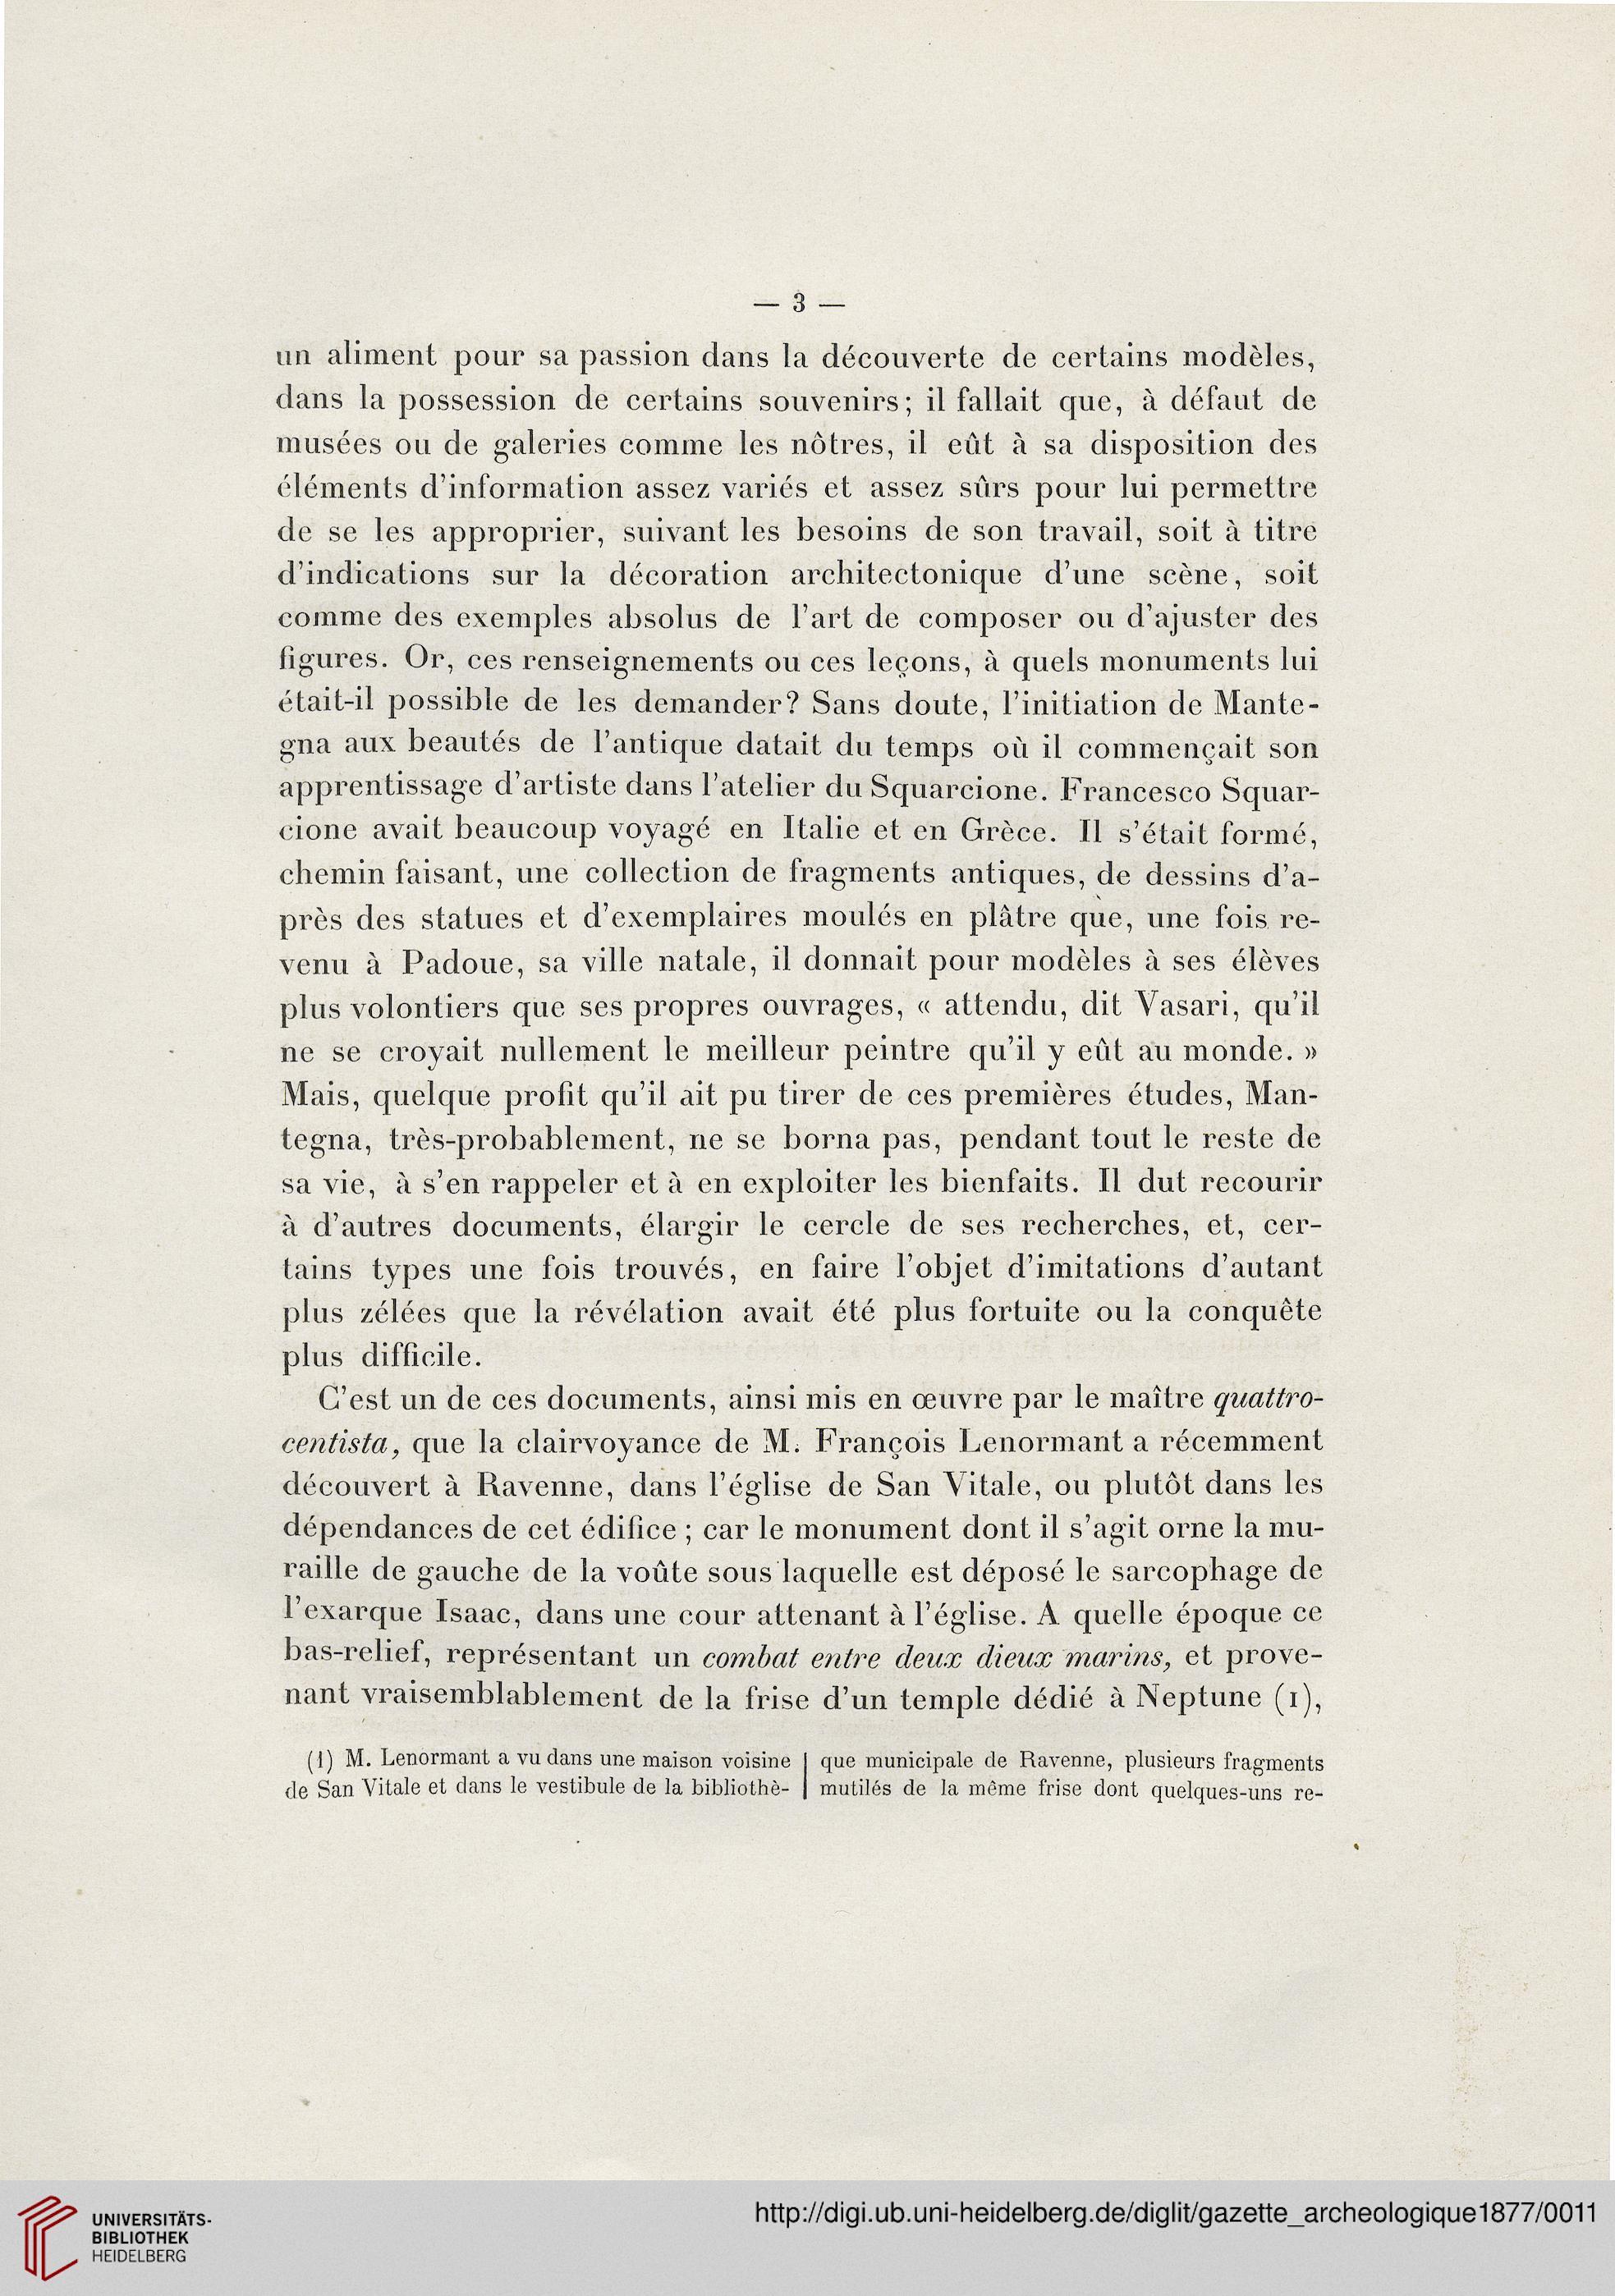 Gazette archéologique: revue des Musées Nationaux (3.1877)